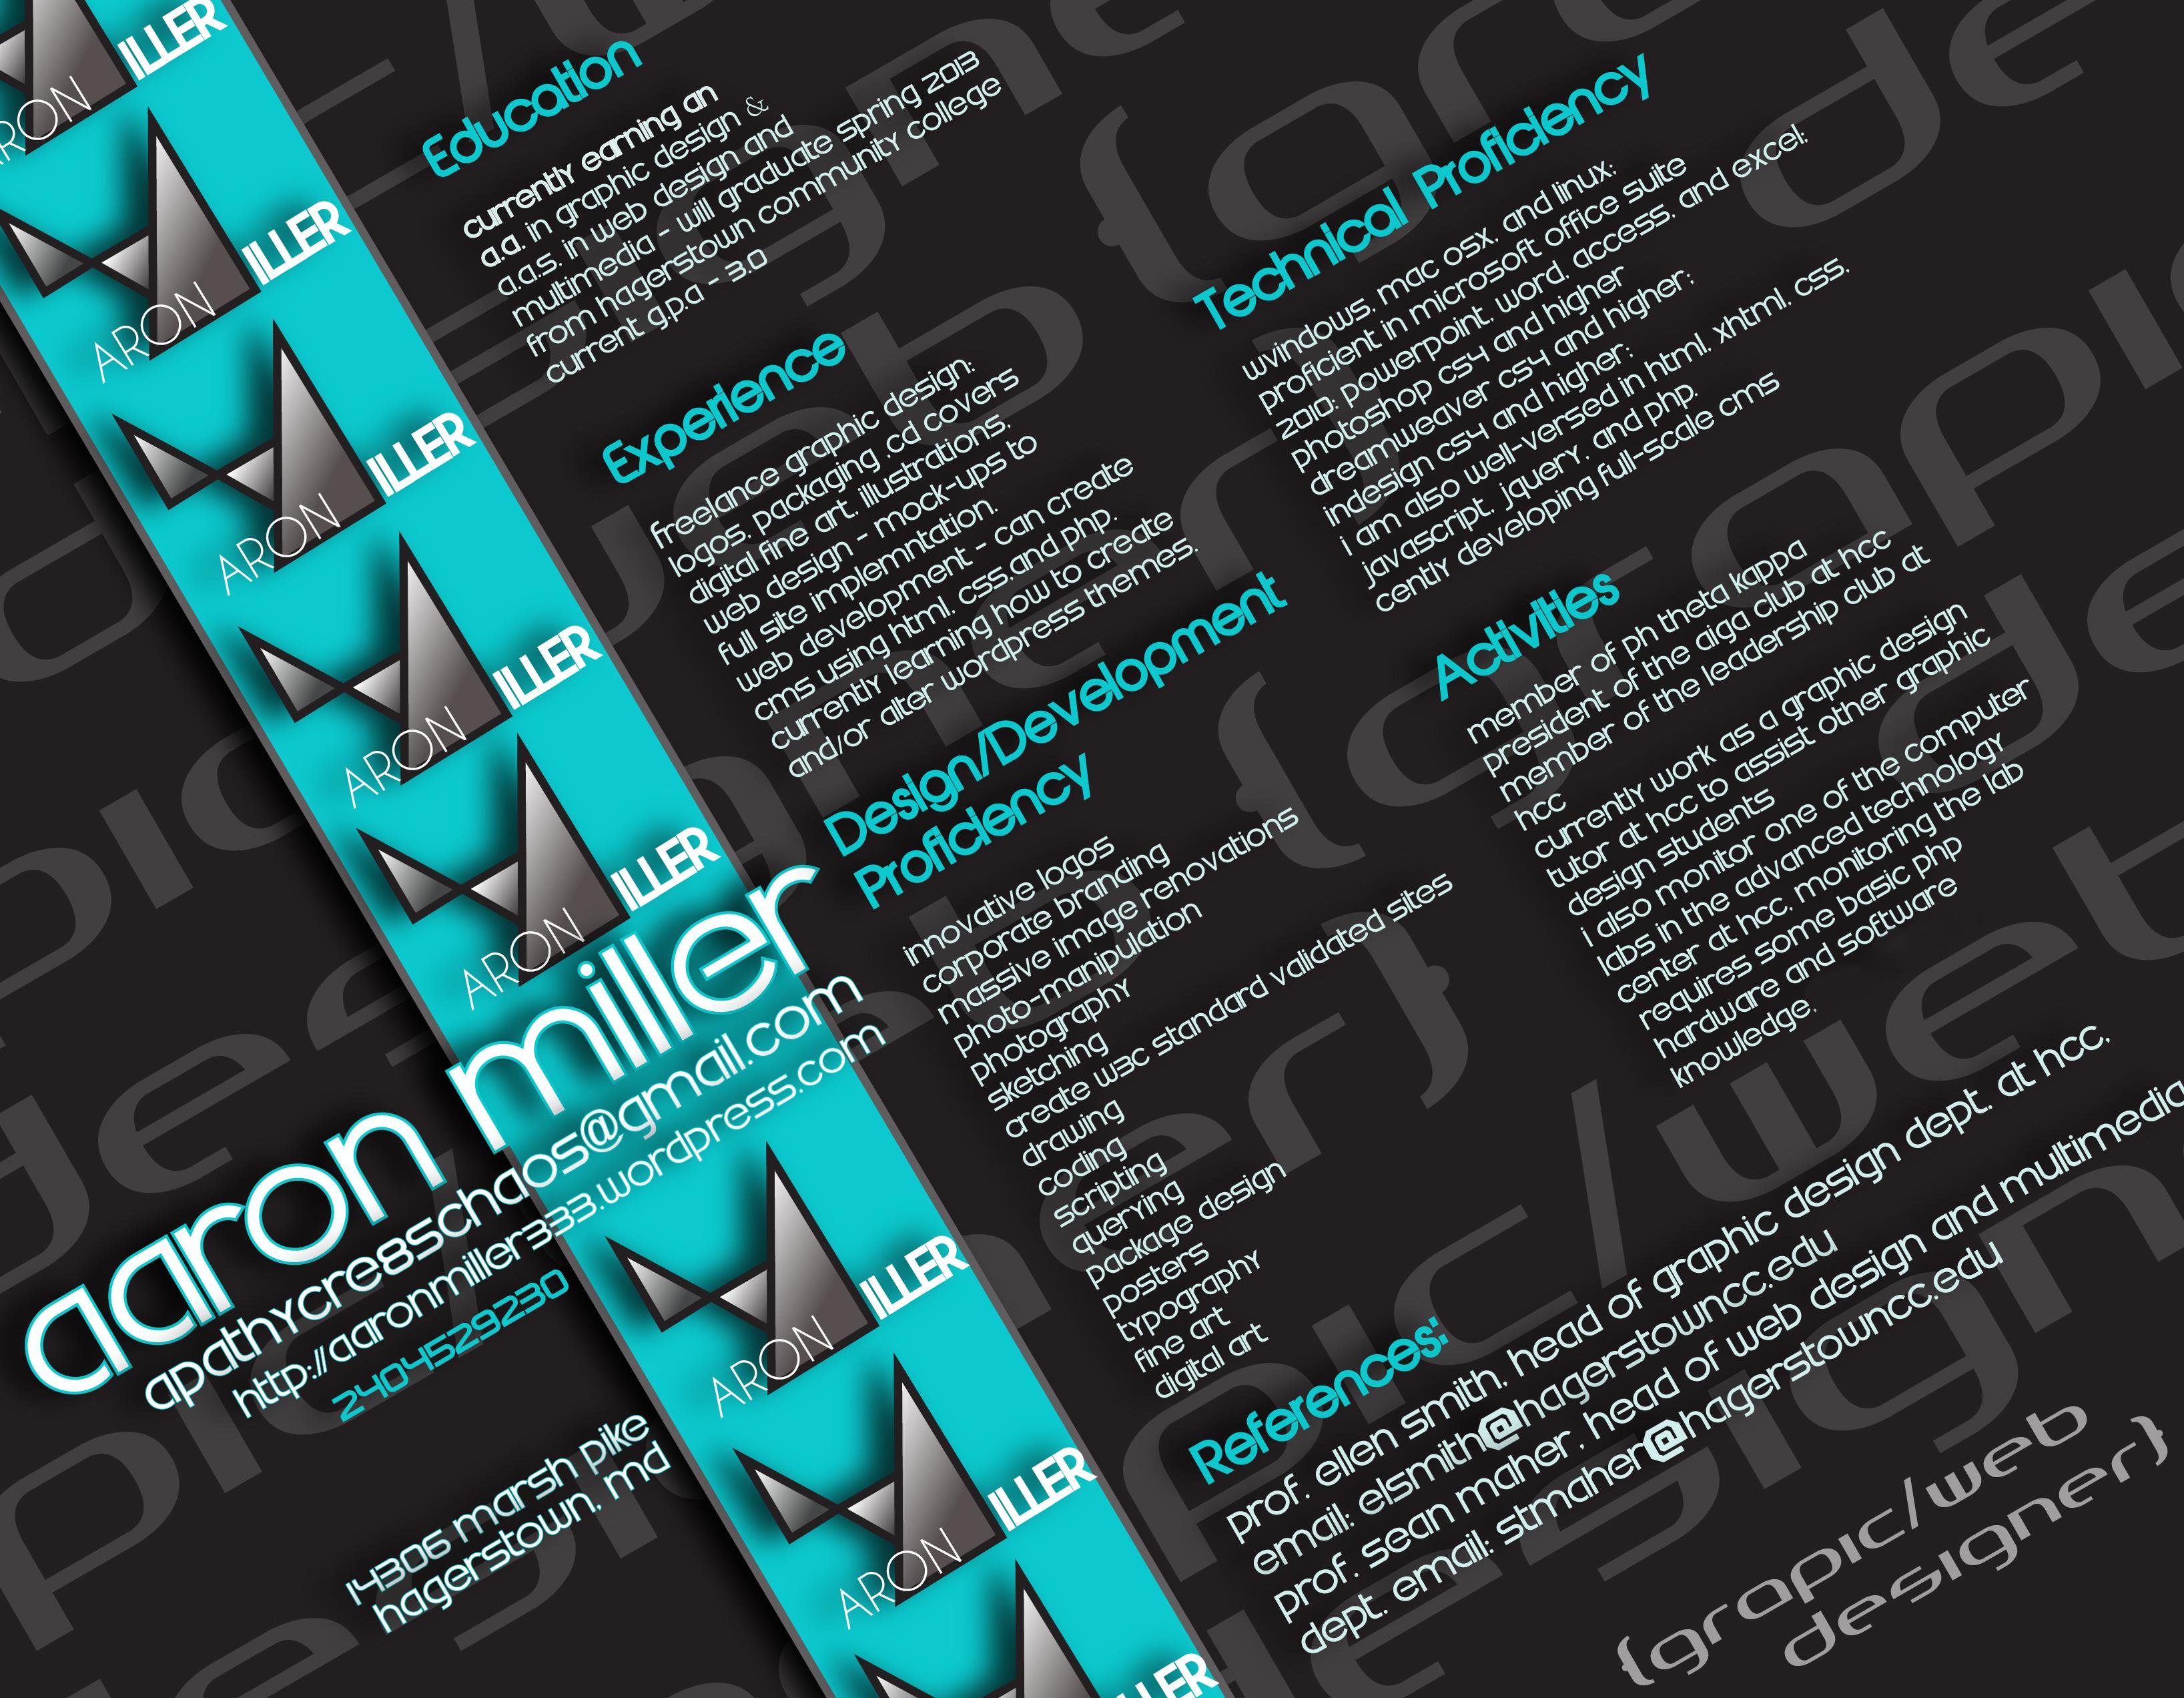 Creative Resume Example The Blog For ApathyCre8sChaos